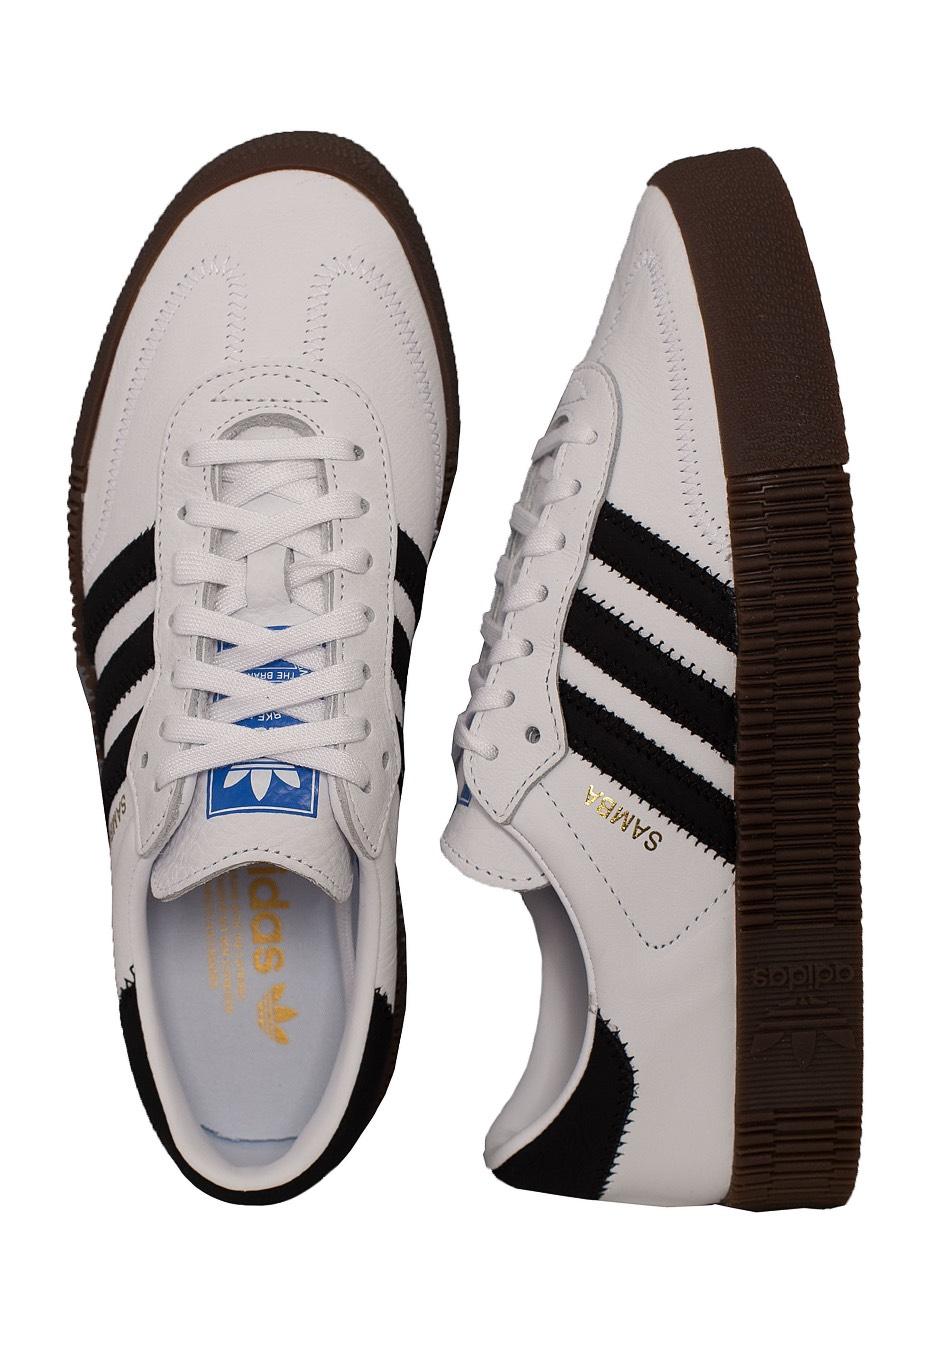 2a55dcde9e Adidas - Sambarose W Ftwr White/Core Black/Gum 5 - Girl Shoes -  Impericon.com AU